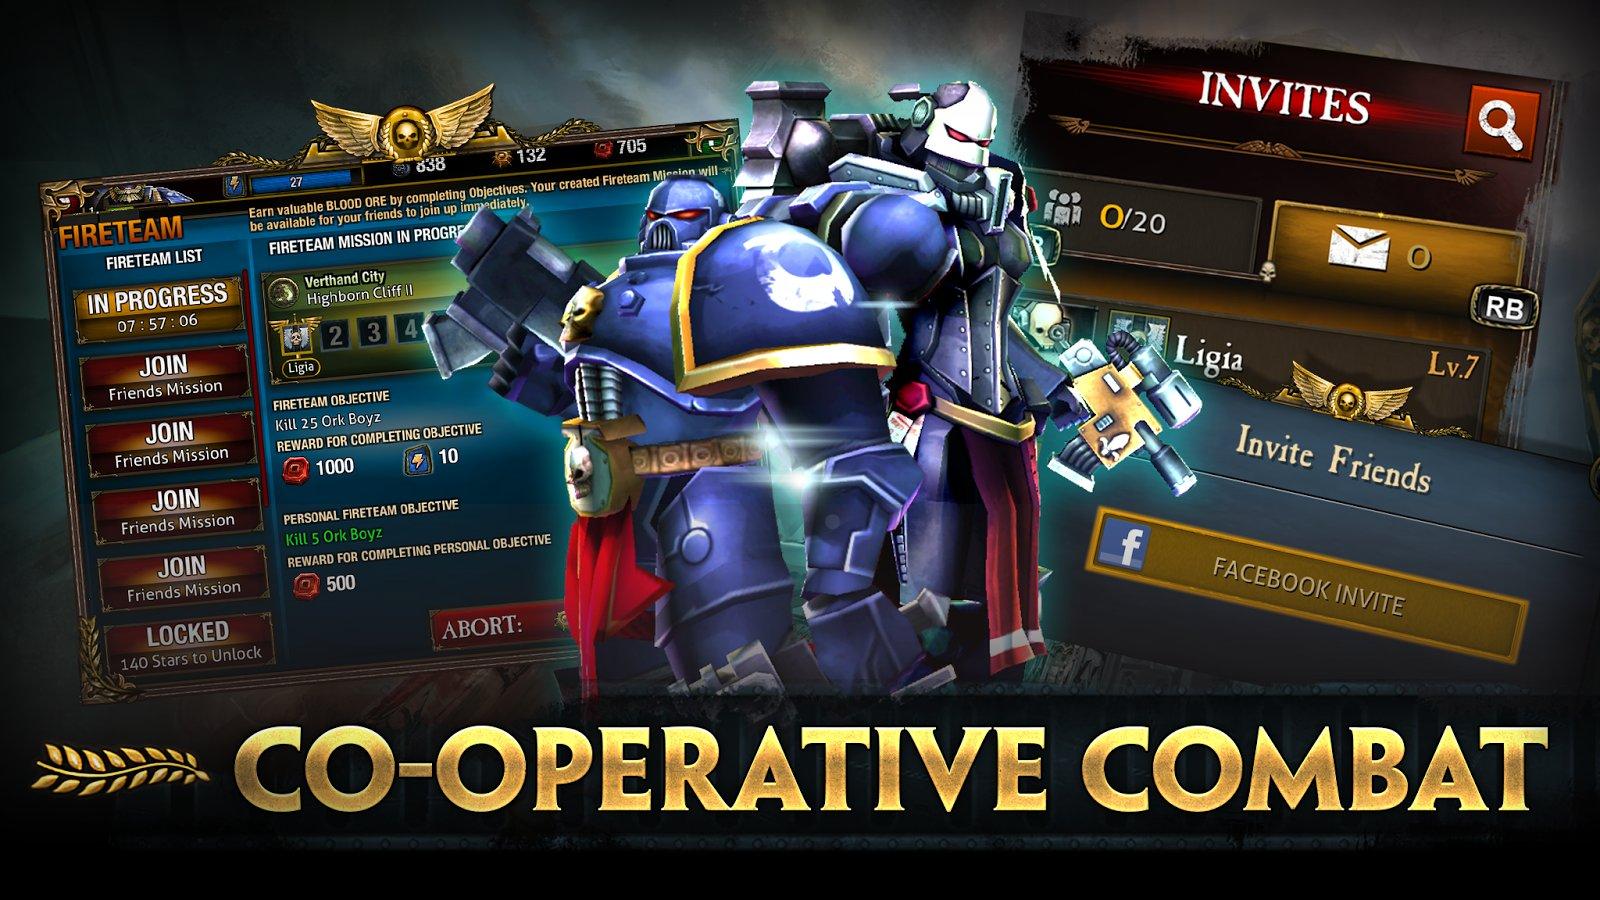 Скачать бесплатно игру Warhammer 40,000 для psp